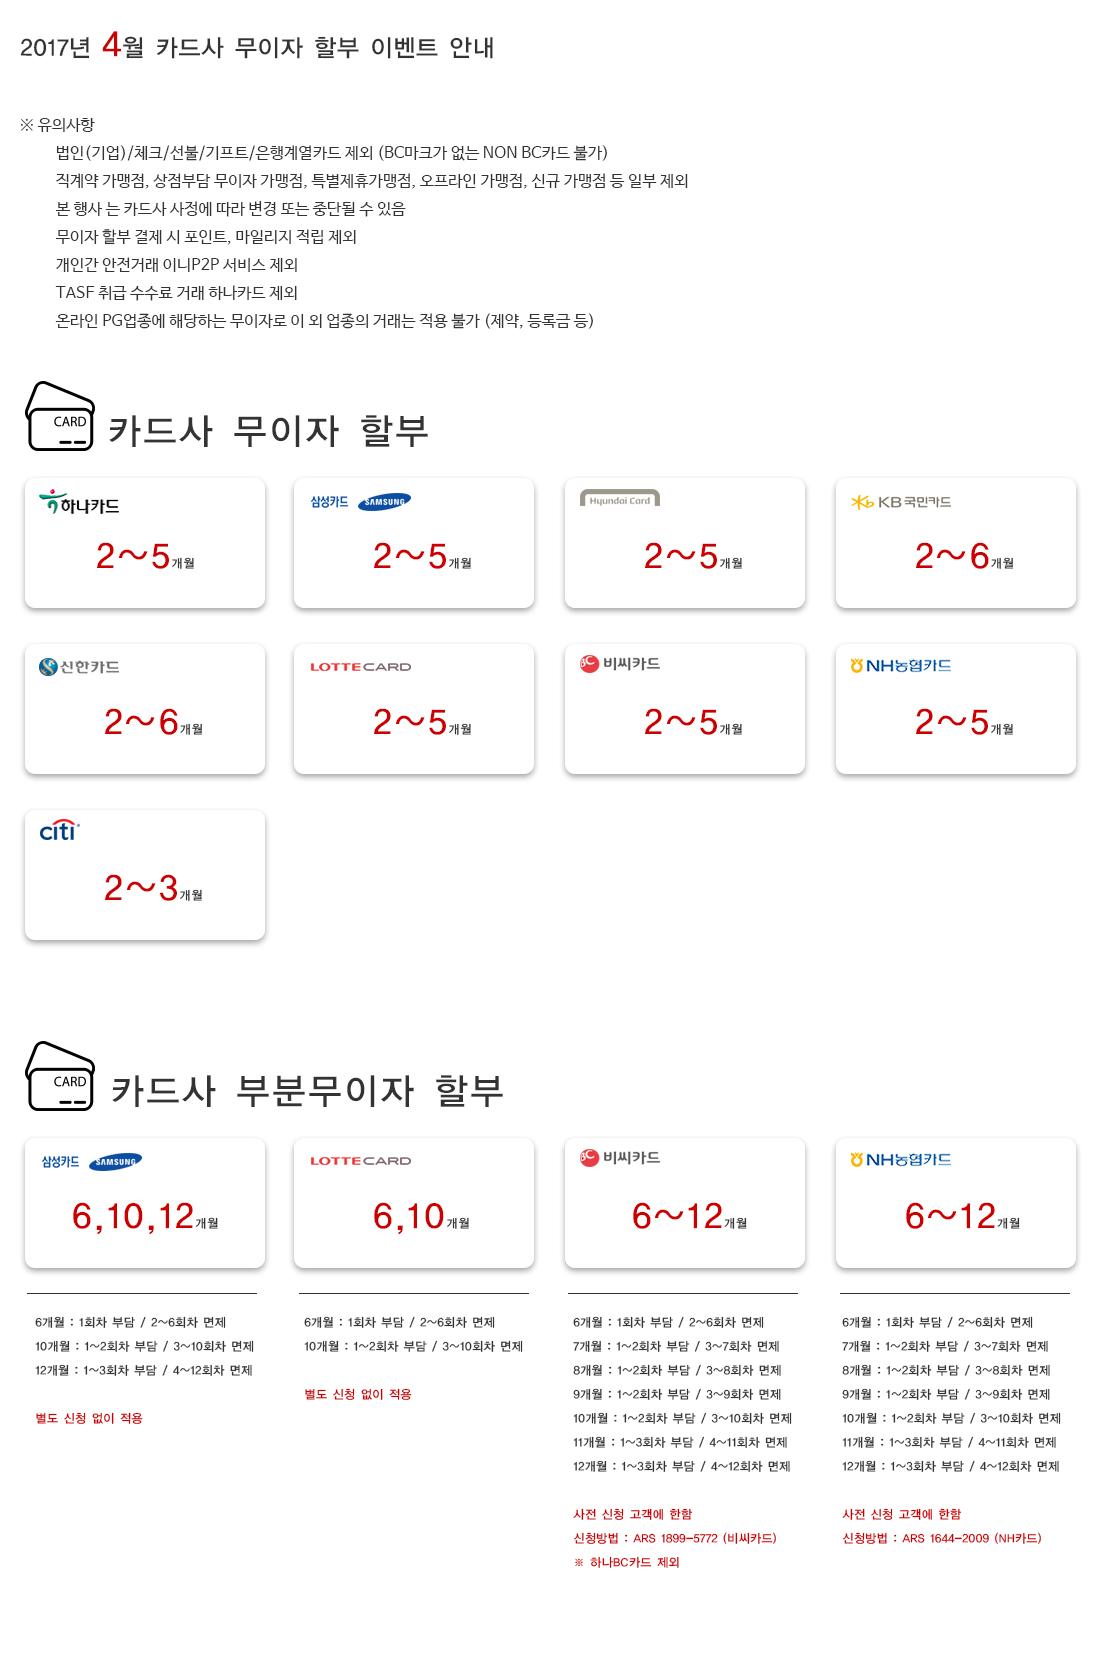 card_info.jpg